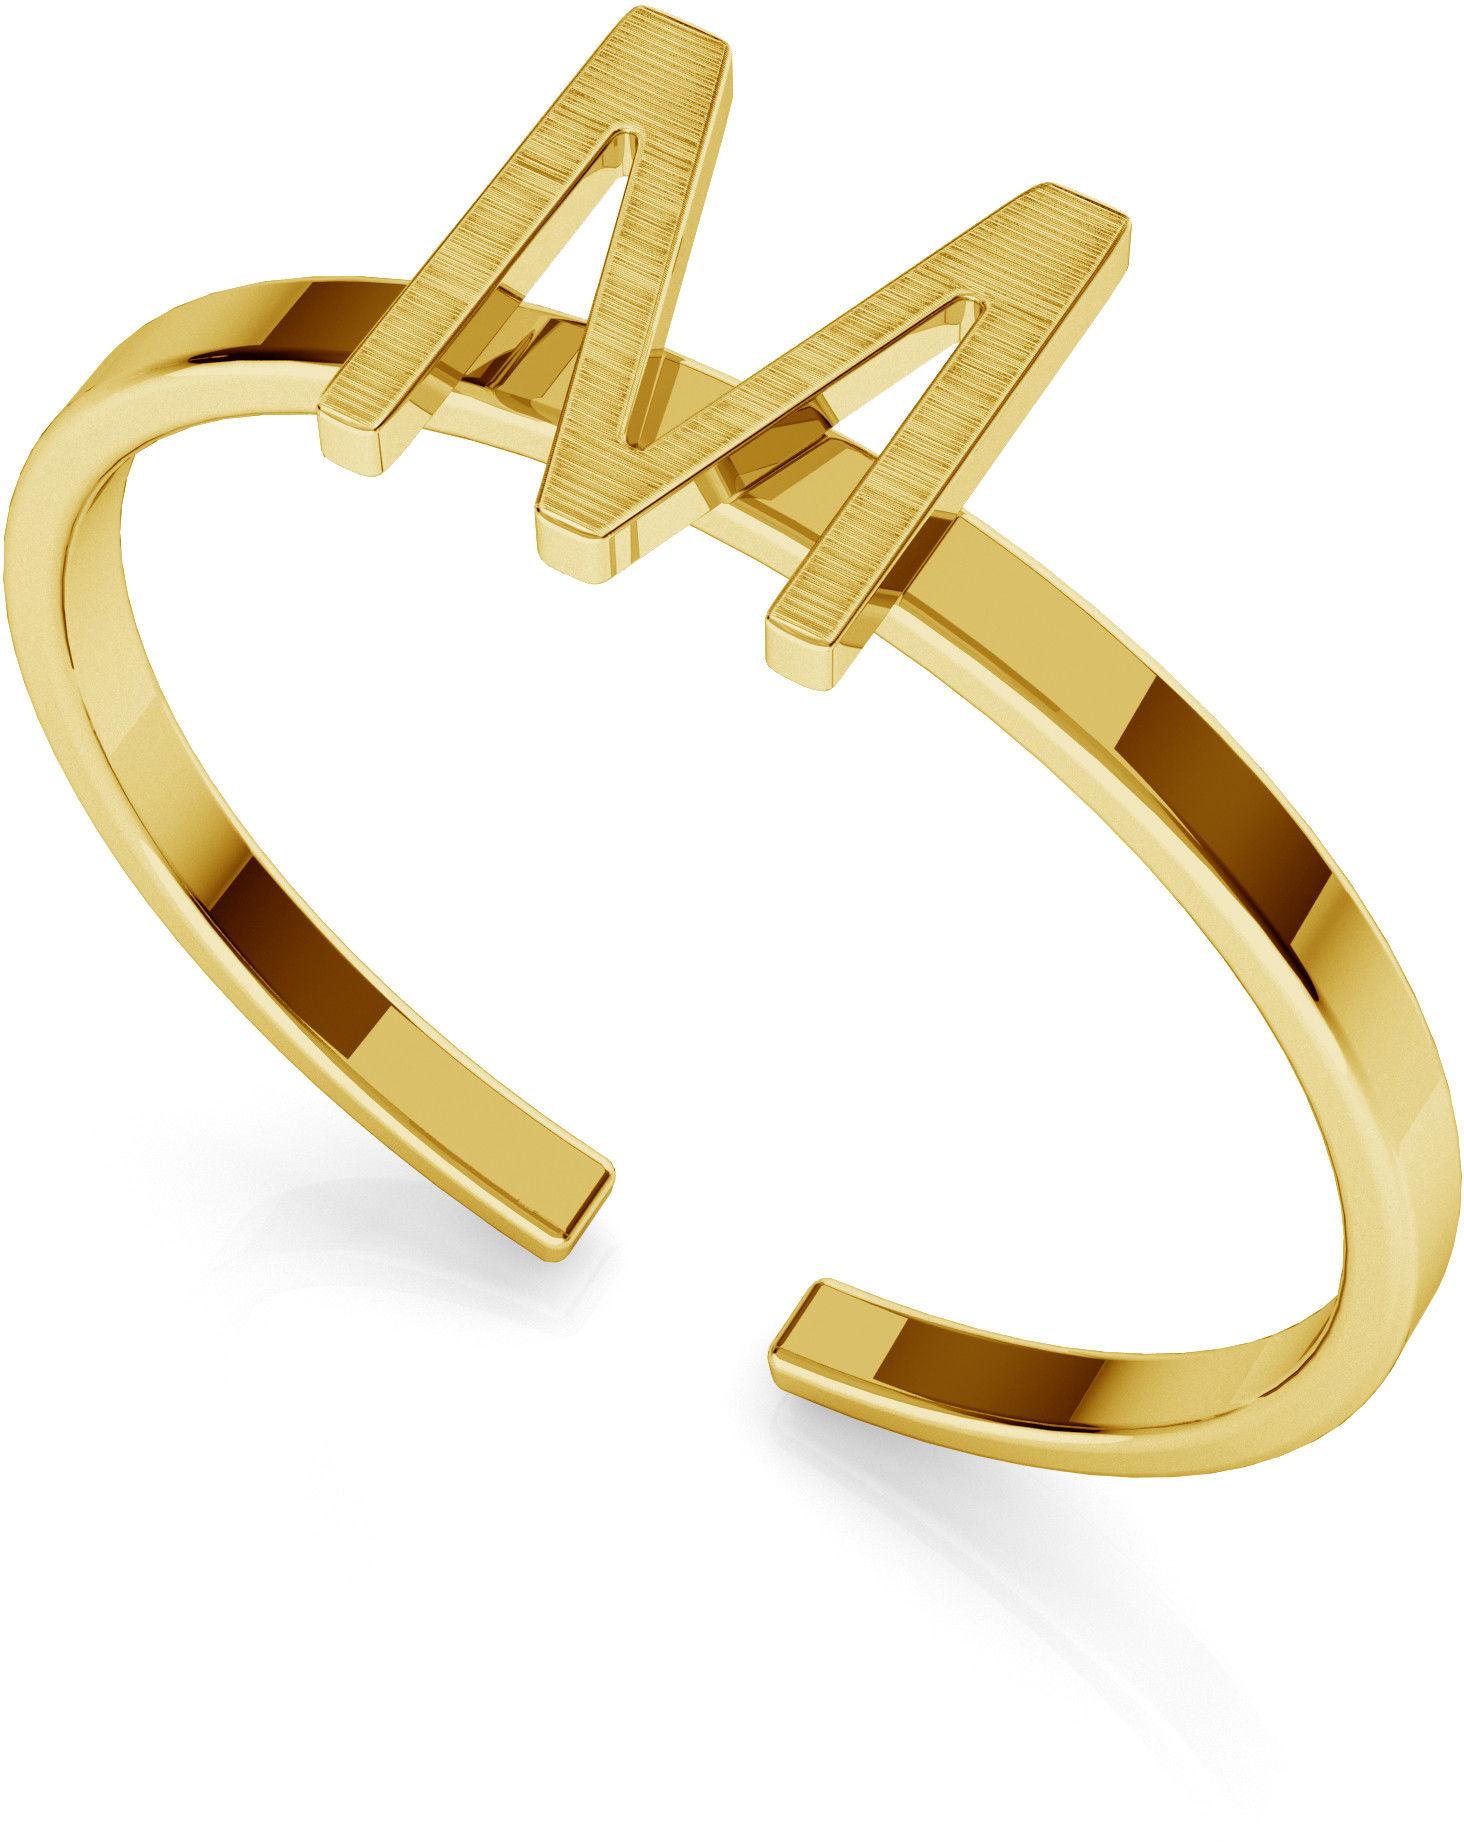 Srebrny pierścionek z literką My RING, srebro 925 : Litera - W, Srebro - kolor pokrycia - Pokrycie platyną